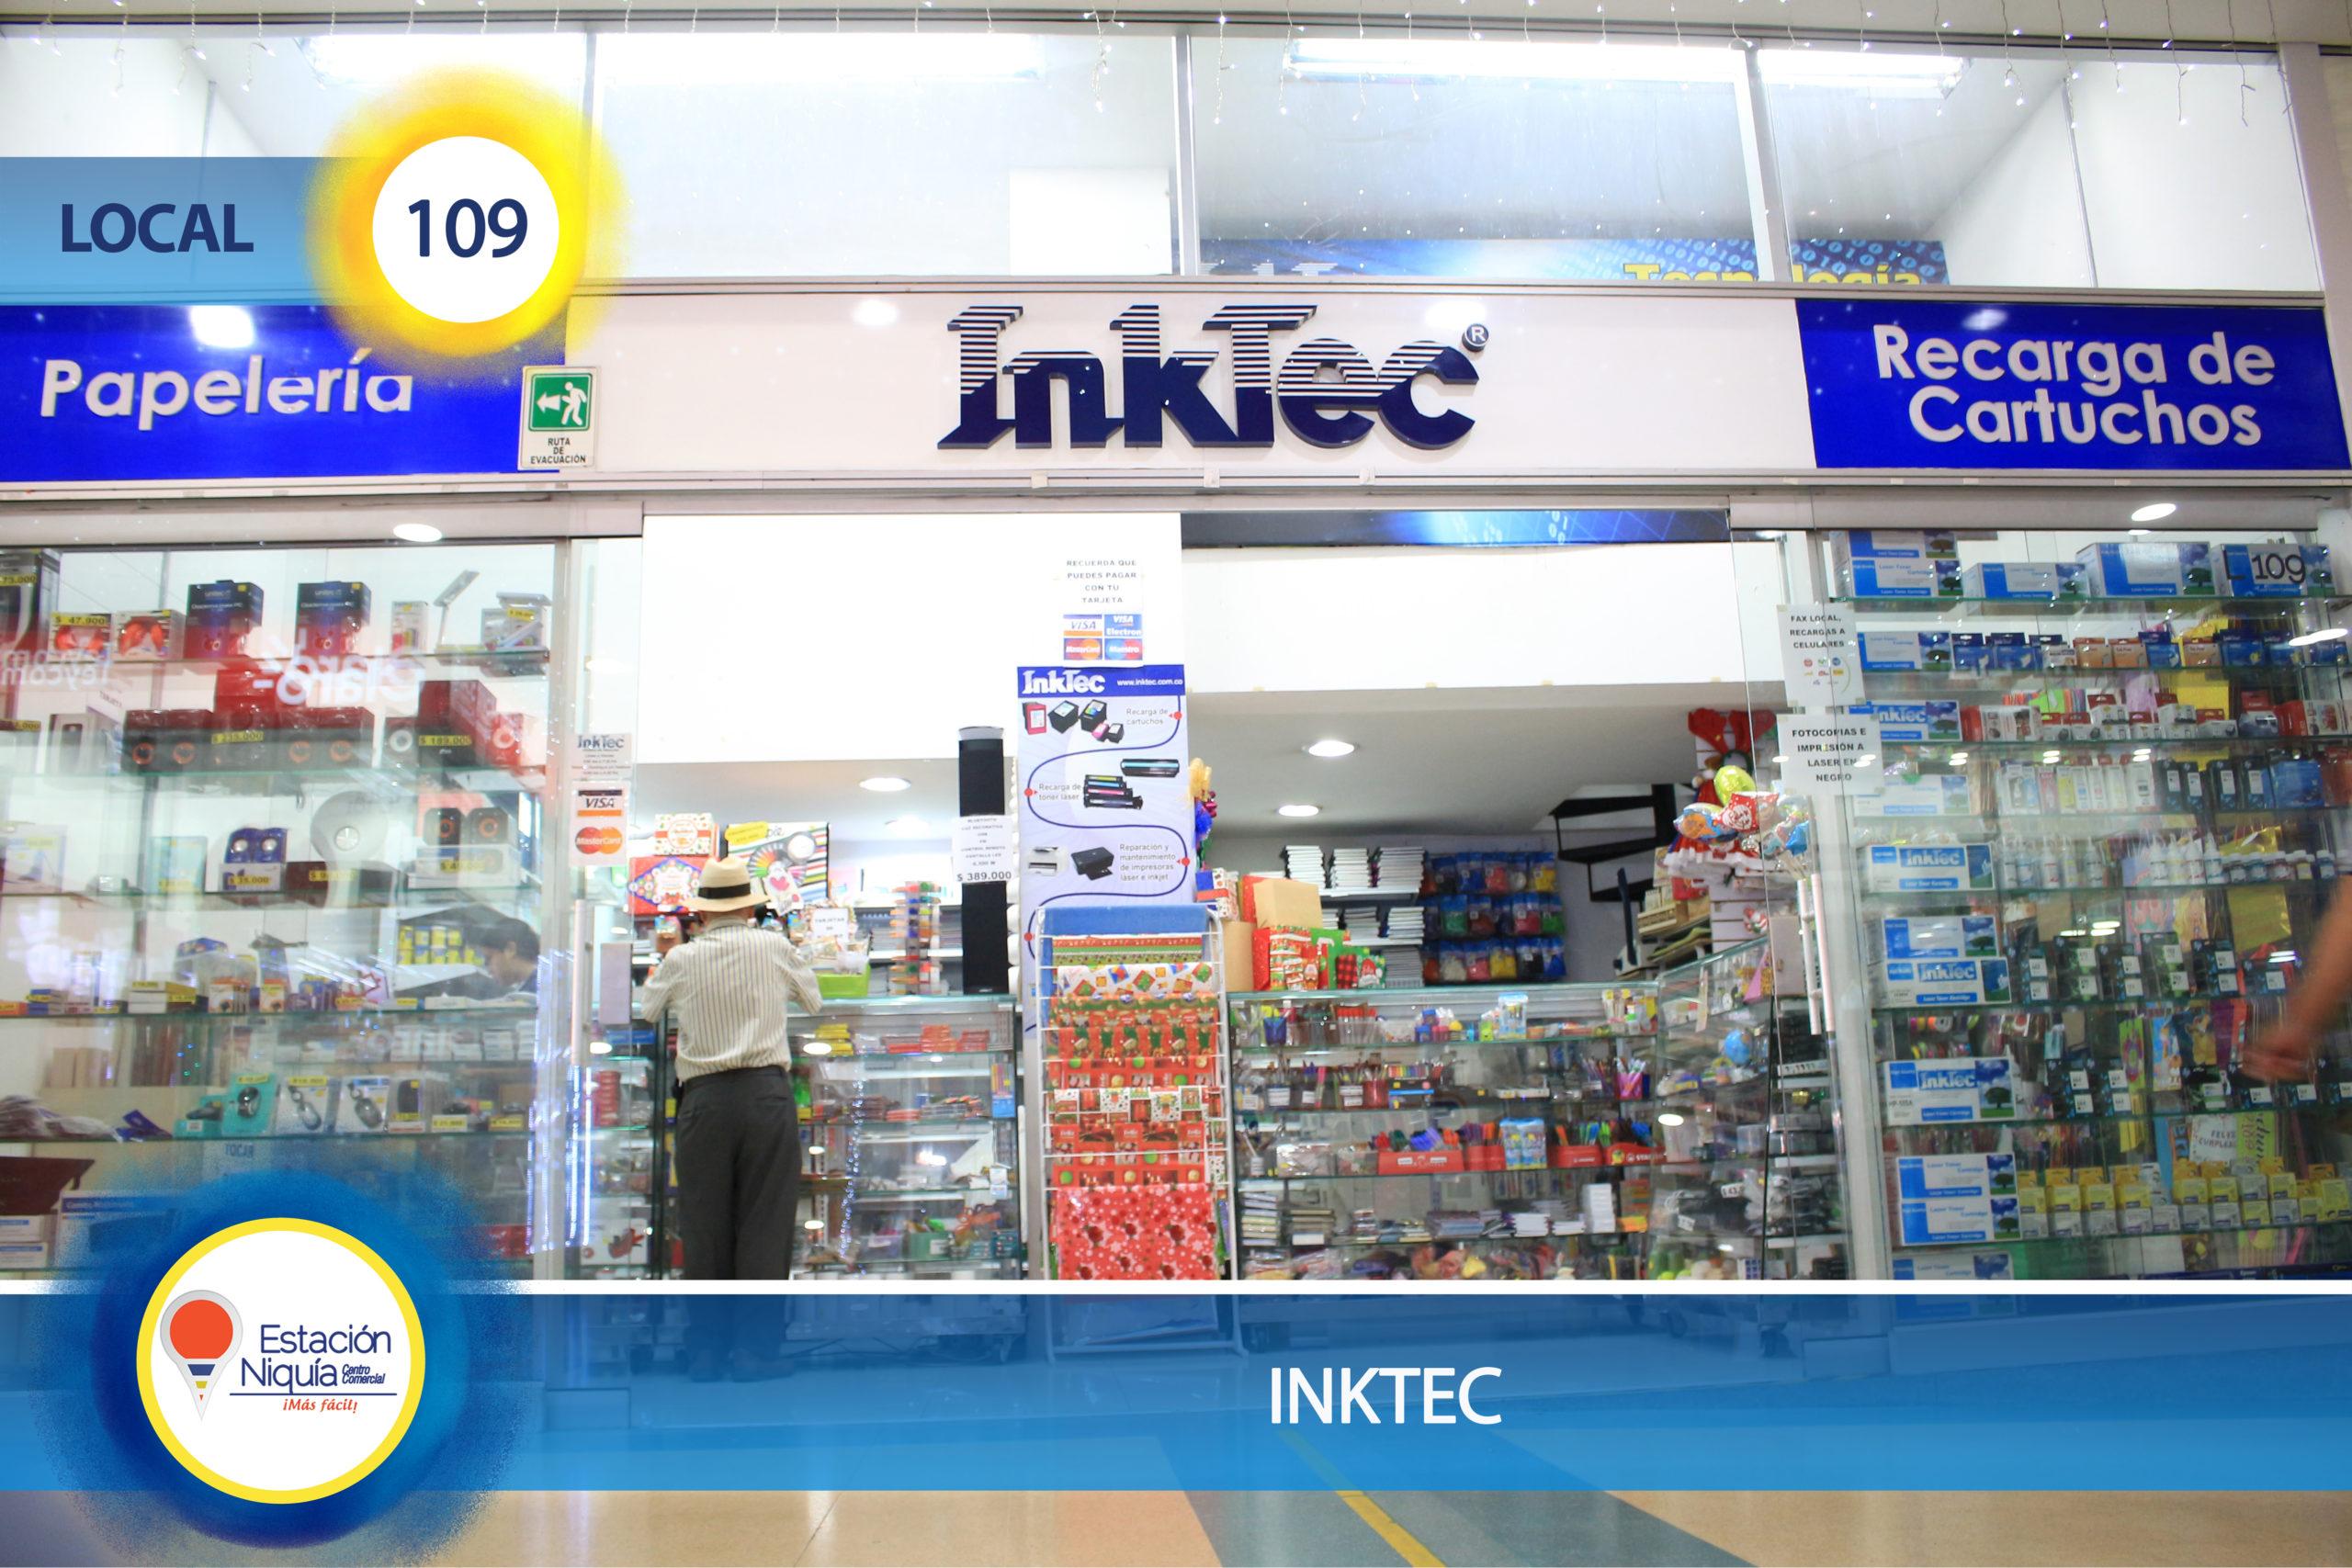 Papelería Inktec – Local  109